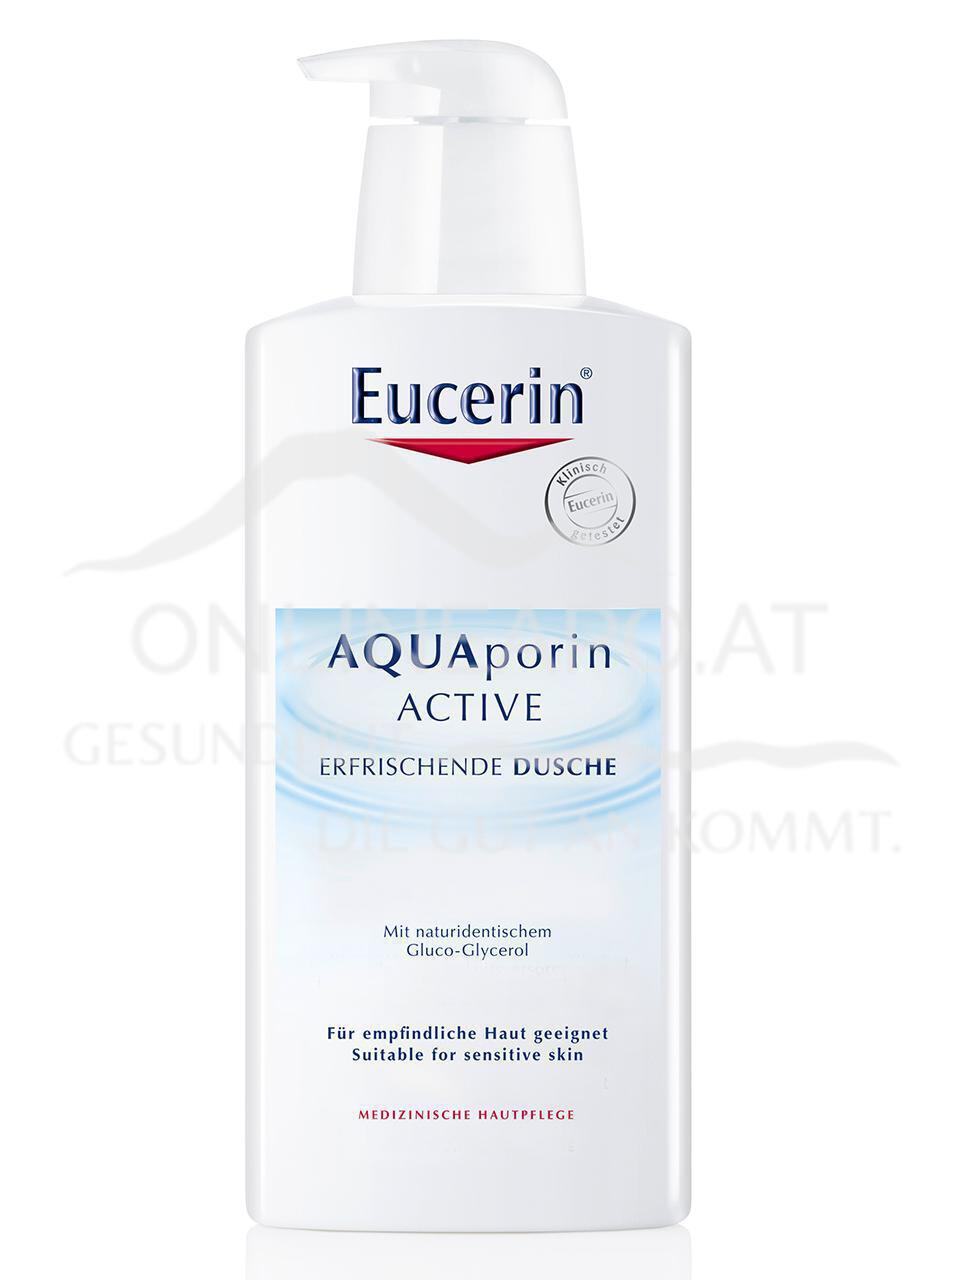 Eucerin AQUAporin ACTIVE ERFRISCHENDE DUSCHE